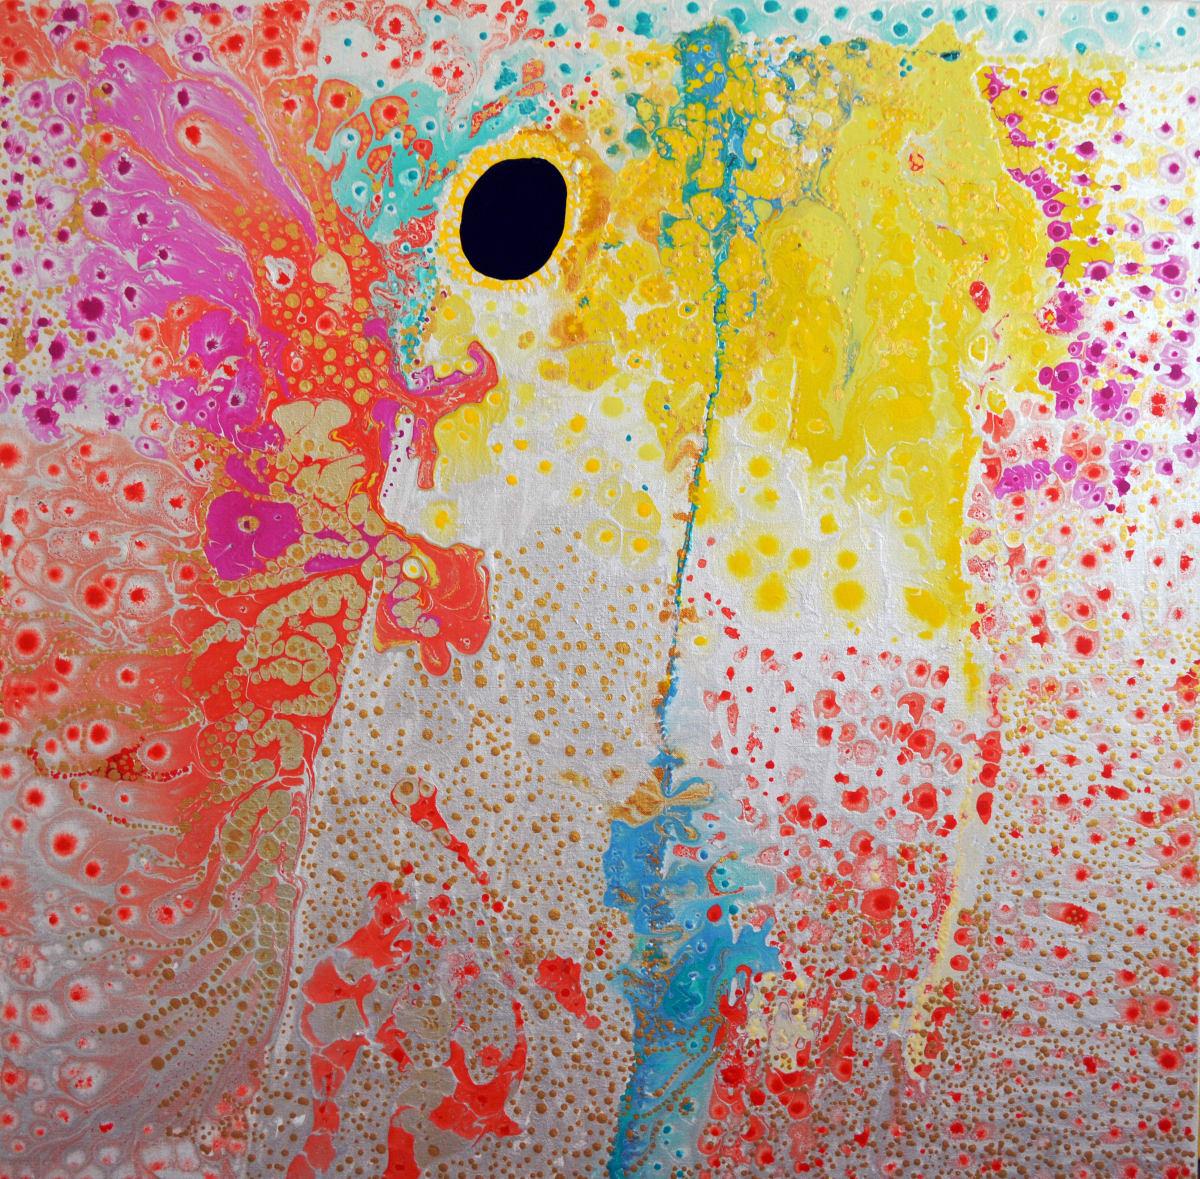 Daniel Walbidi Kirriwirri 2015 acrylic on linen 100 x 100 cm